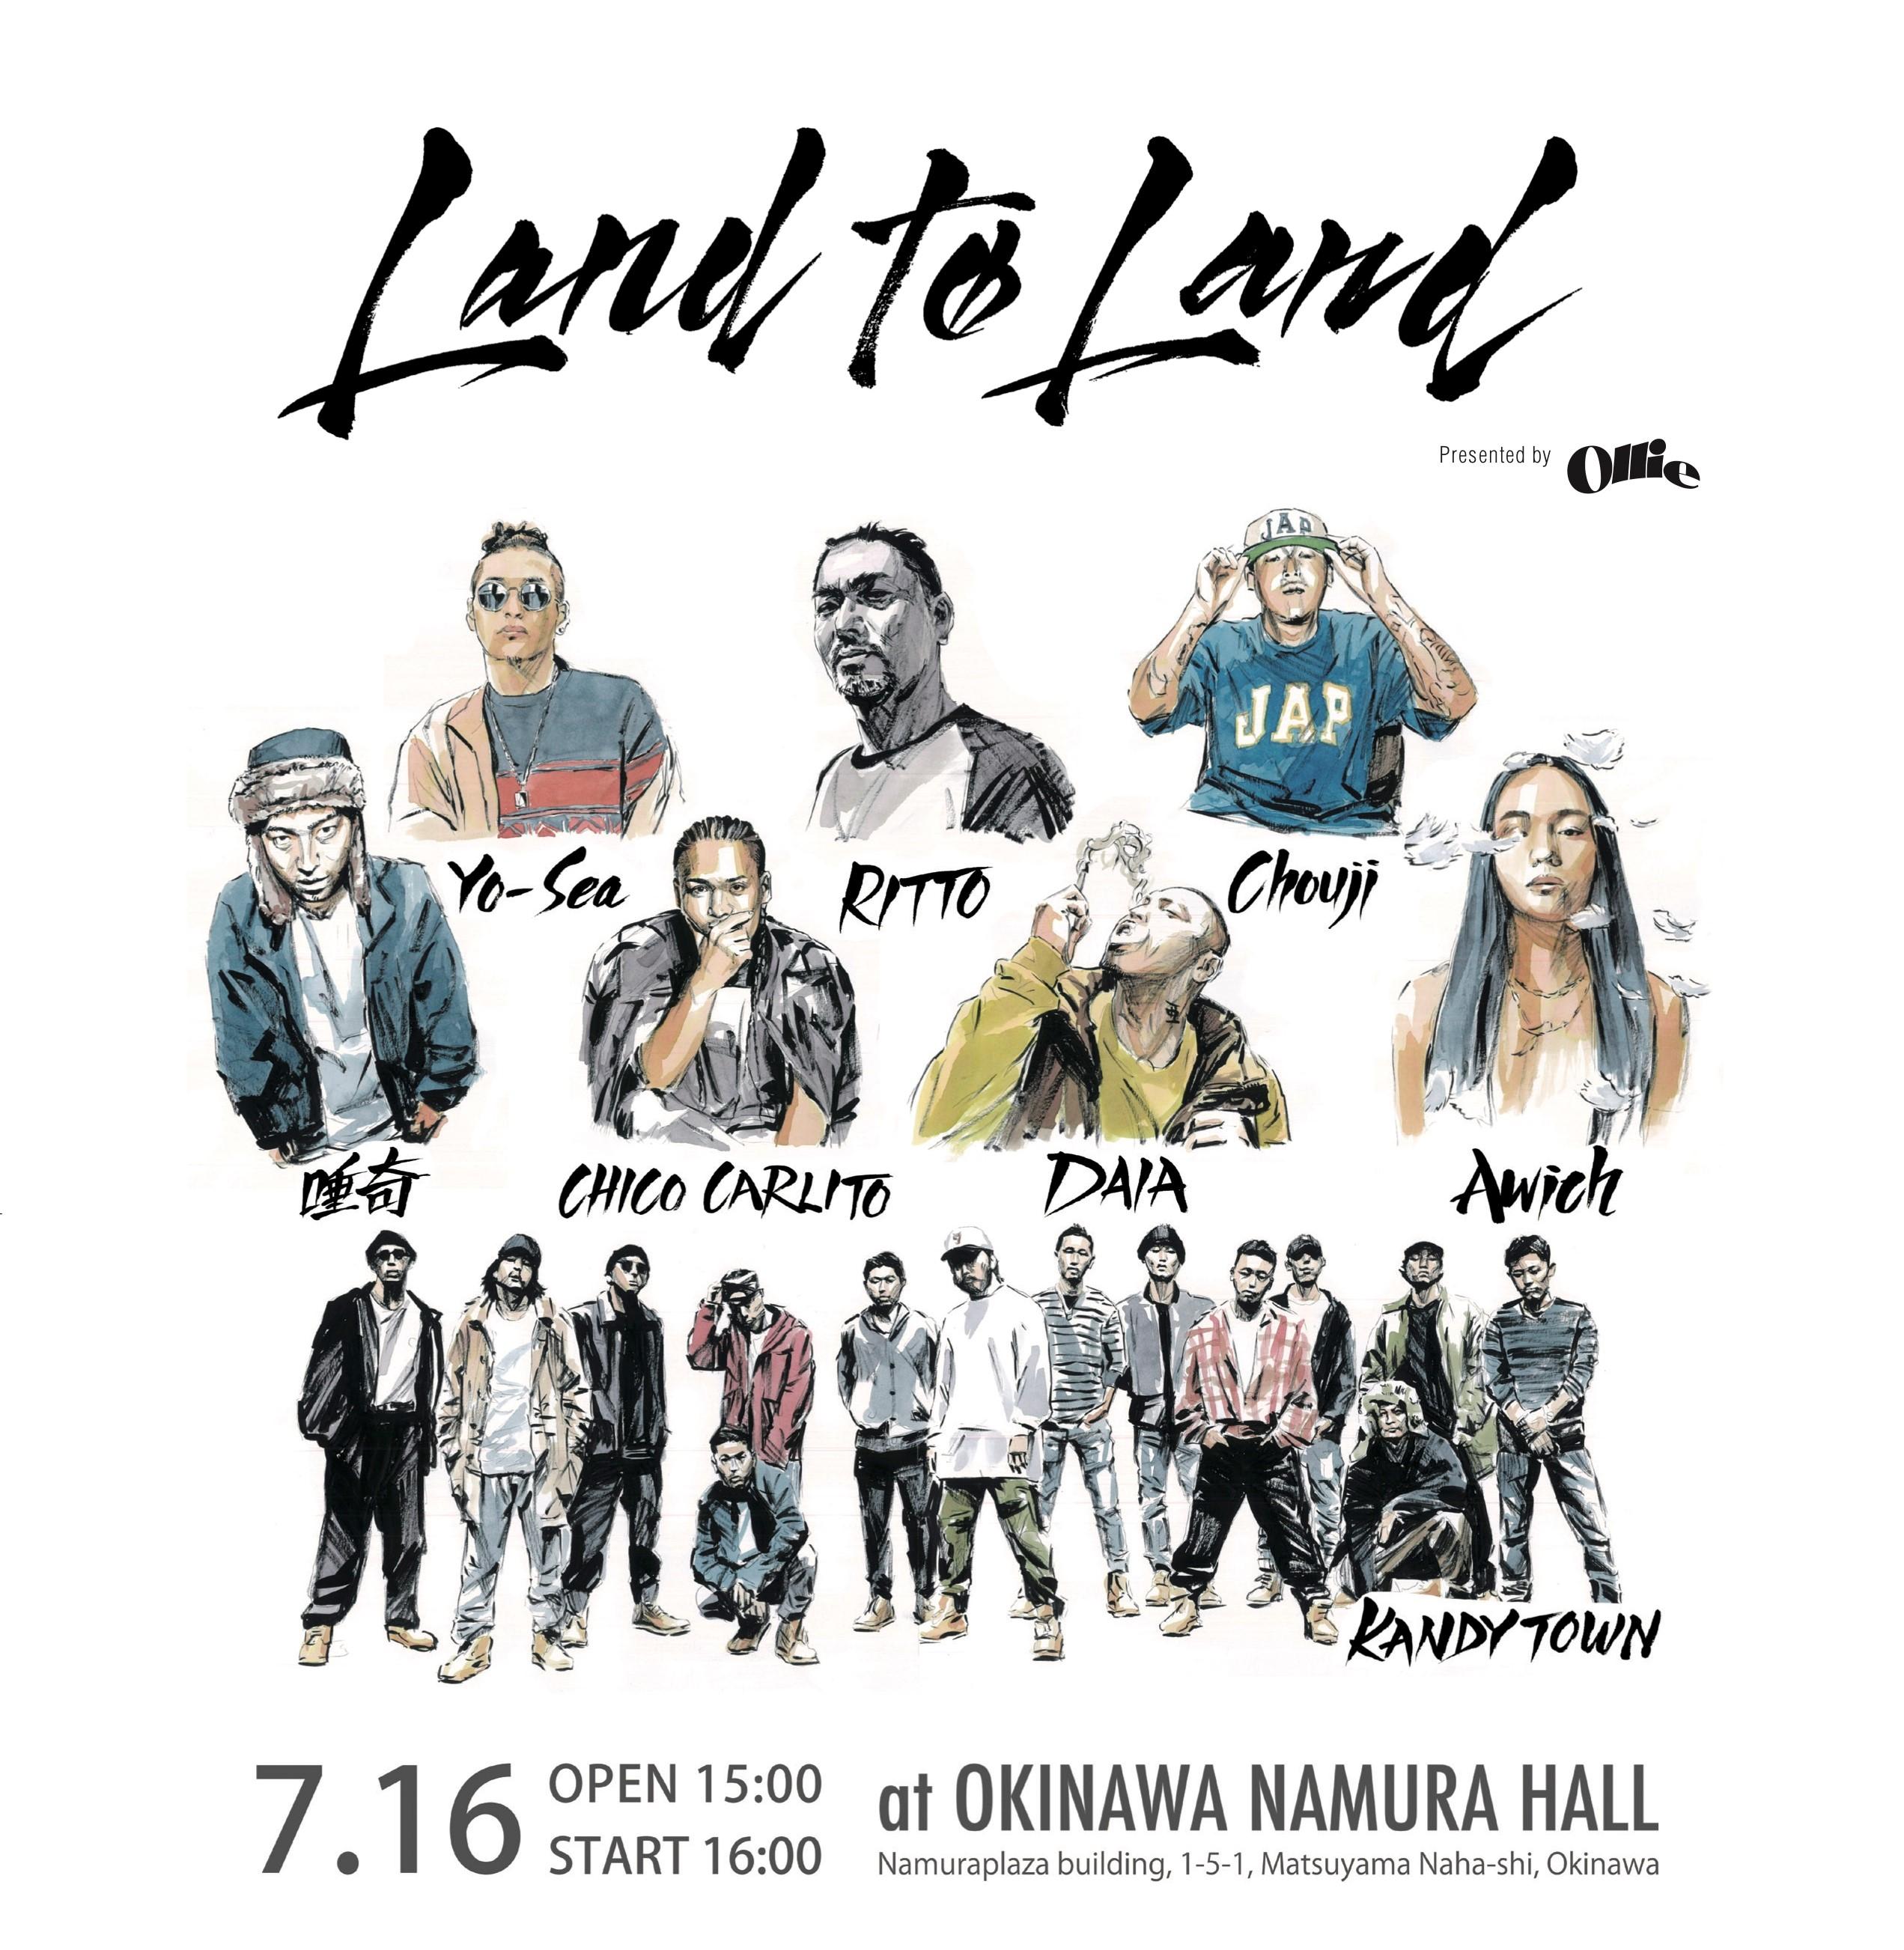 Land to Land